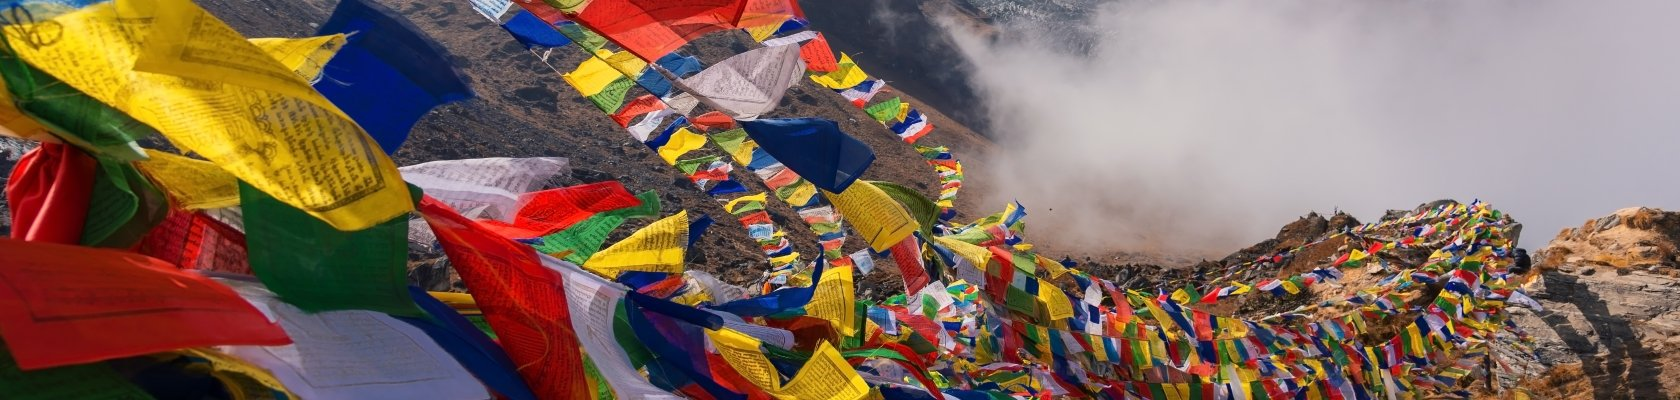 Tibet, gebedsvlaggetjes